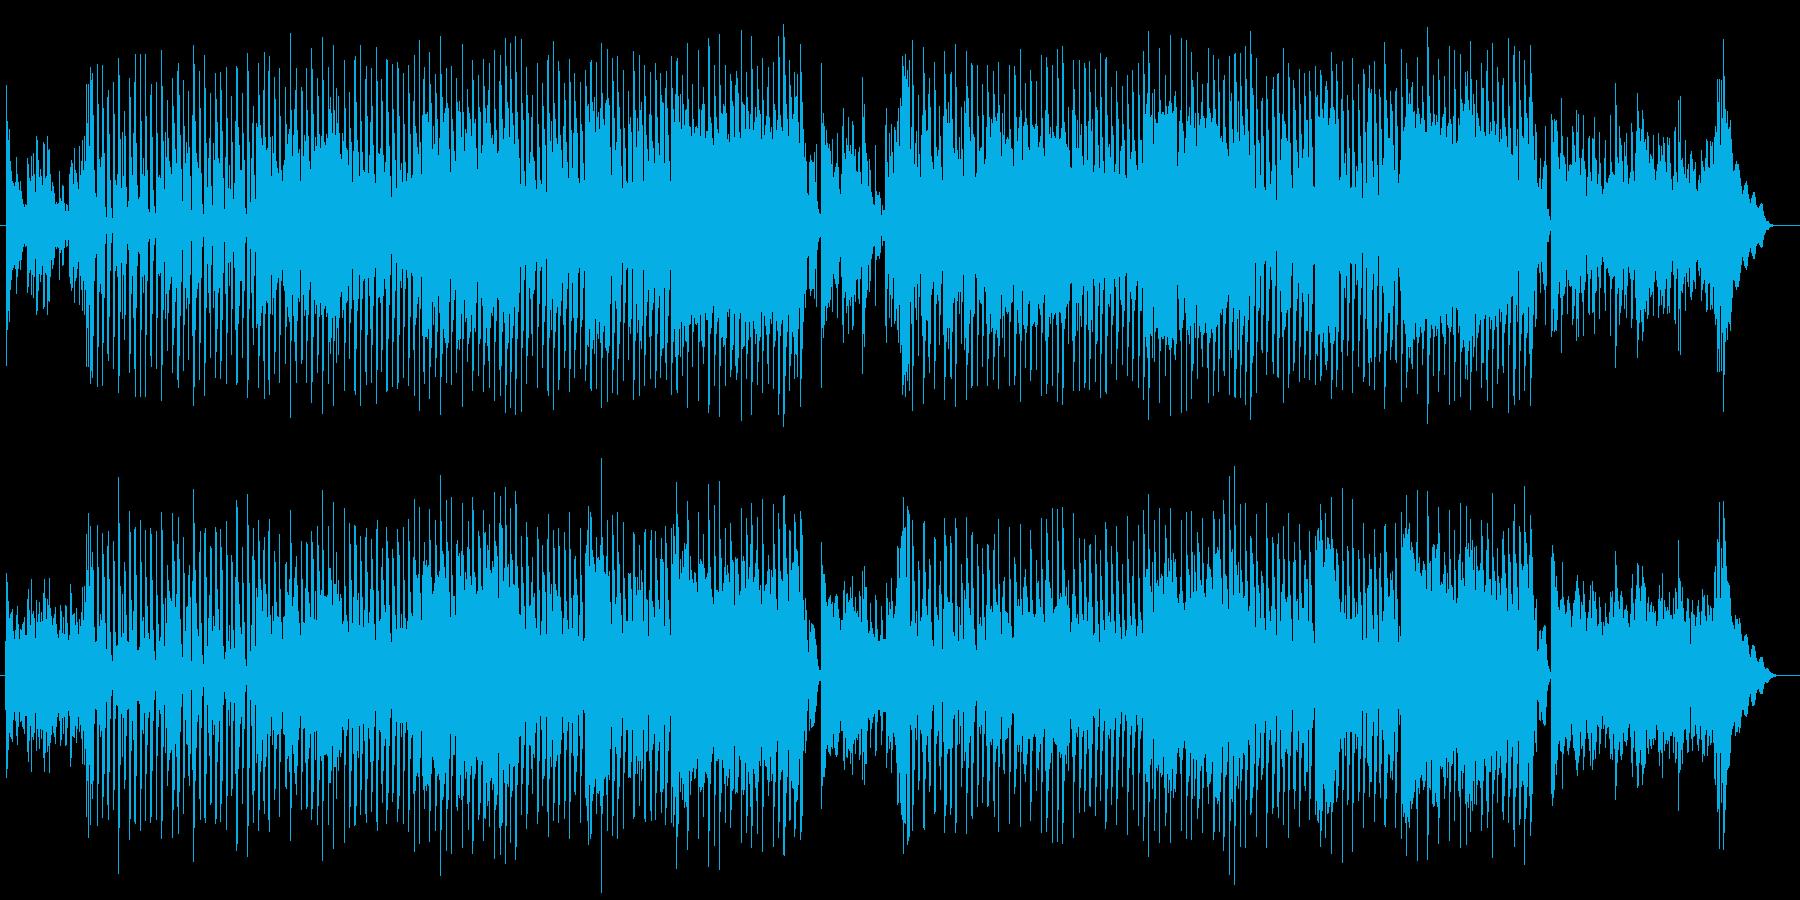 跳ねるような可愛いサウンドのポップの再生済みの波形